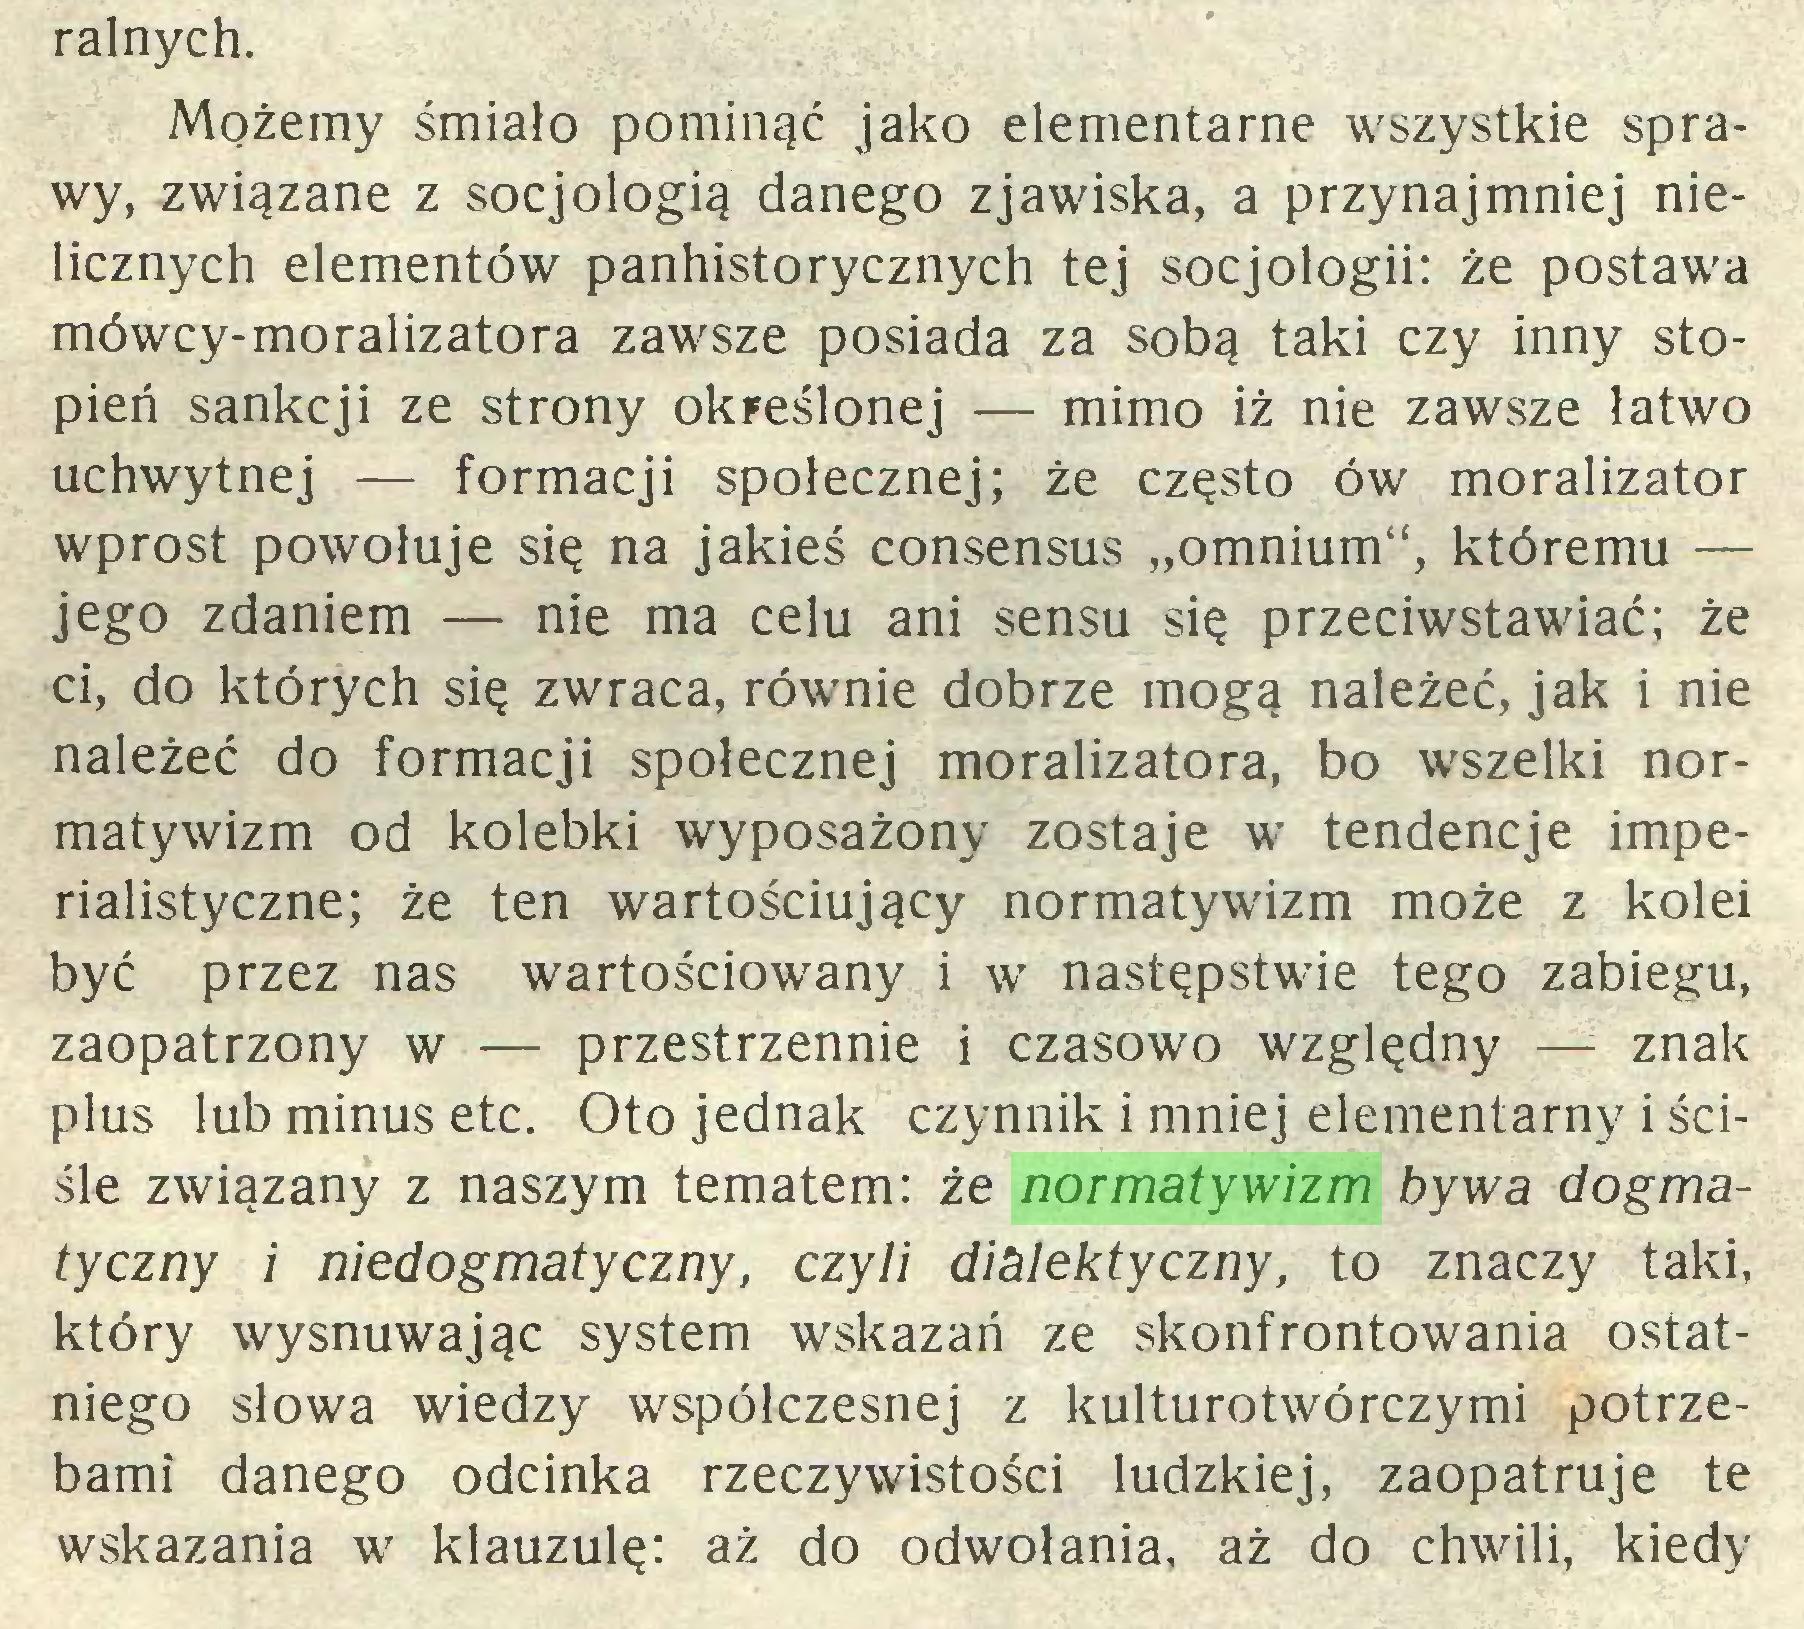 """(...) ralnych. Możemy śmiało pominąć jako elementarne wszystkie sprawy, związane z socjologią danego zjawiska, a przynajmniej nielicznych elementów panhistorycznych tej socjologii: że postawa mówcy-moralizatora zawsze posiada za sobą taki czy inny stopień sankcji ze strony określonej — mimo iż nie zawsze łatwo uchwytnej — formacji społecznej; że często ów moralizator wprost powołuje się na jakieś consensus """"omnium"""", któremu — jego zdaniem — nie ma celu ani sensu się przeciwstawiać; że ci, do których się zwraca, równie dobrze mogą należeć, jak i nie należeć do formacji społecznej moralizatora, bo wszelki normatywizm od kolebki wyposażony zostaje w tendencje imperialistyczne; że ten wartościujący normatywizm może z kolei być przez nas wartościowany i w następstwie tego zabiegu, zaopatrzony w — przestrzennie i czasowo względny — znak plus lub minus etc. Oto jednak czynnik i mniej elementarny i ściśle związany z naszym tematem: że normatywizm bywa dogmatyczny i niedogmatyczny, czyli dialektyczny, to znaczy taki, który wysnuwając system wskazań ze skonfrontowania ostatniego słowa wiedzy współczesnej z kulturotwórczymi potrzebami danego odcinka rzeczywistości ludzkiej, zaopatruje te wskazania w klauzulę: aż do odwołania, aż do chwili, kiedy..."""